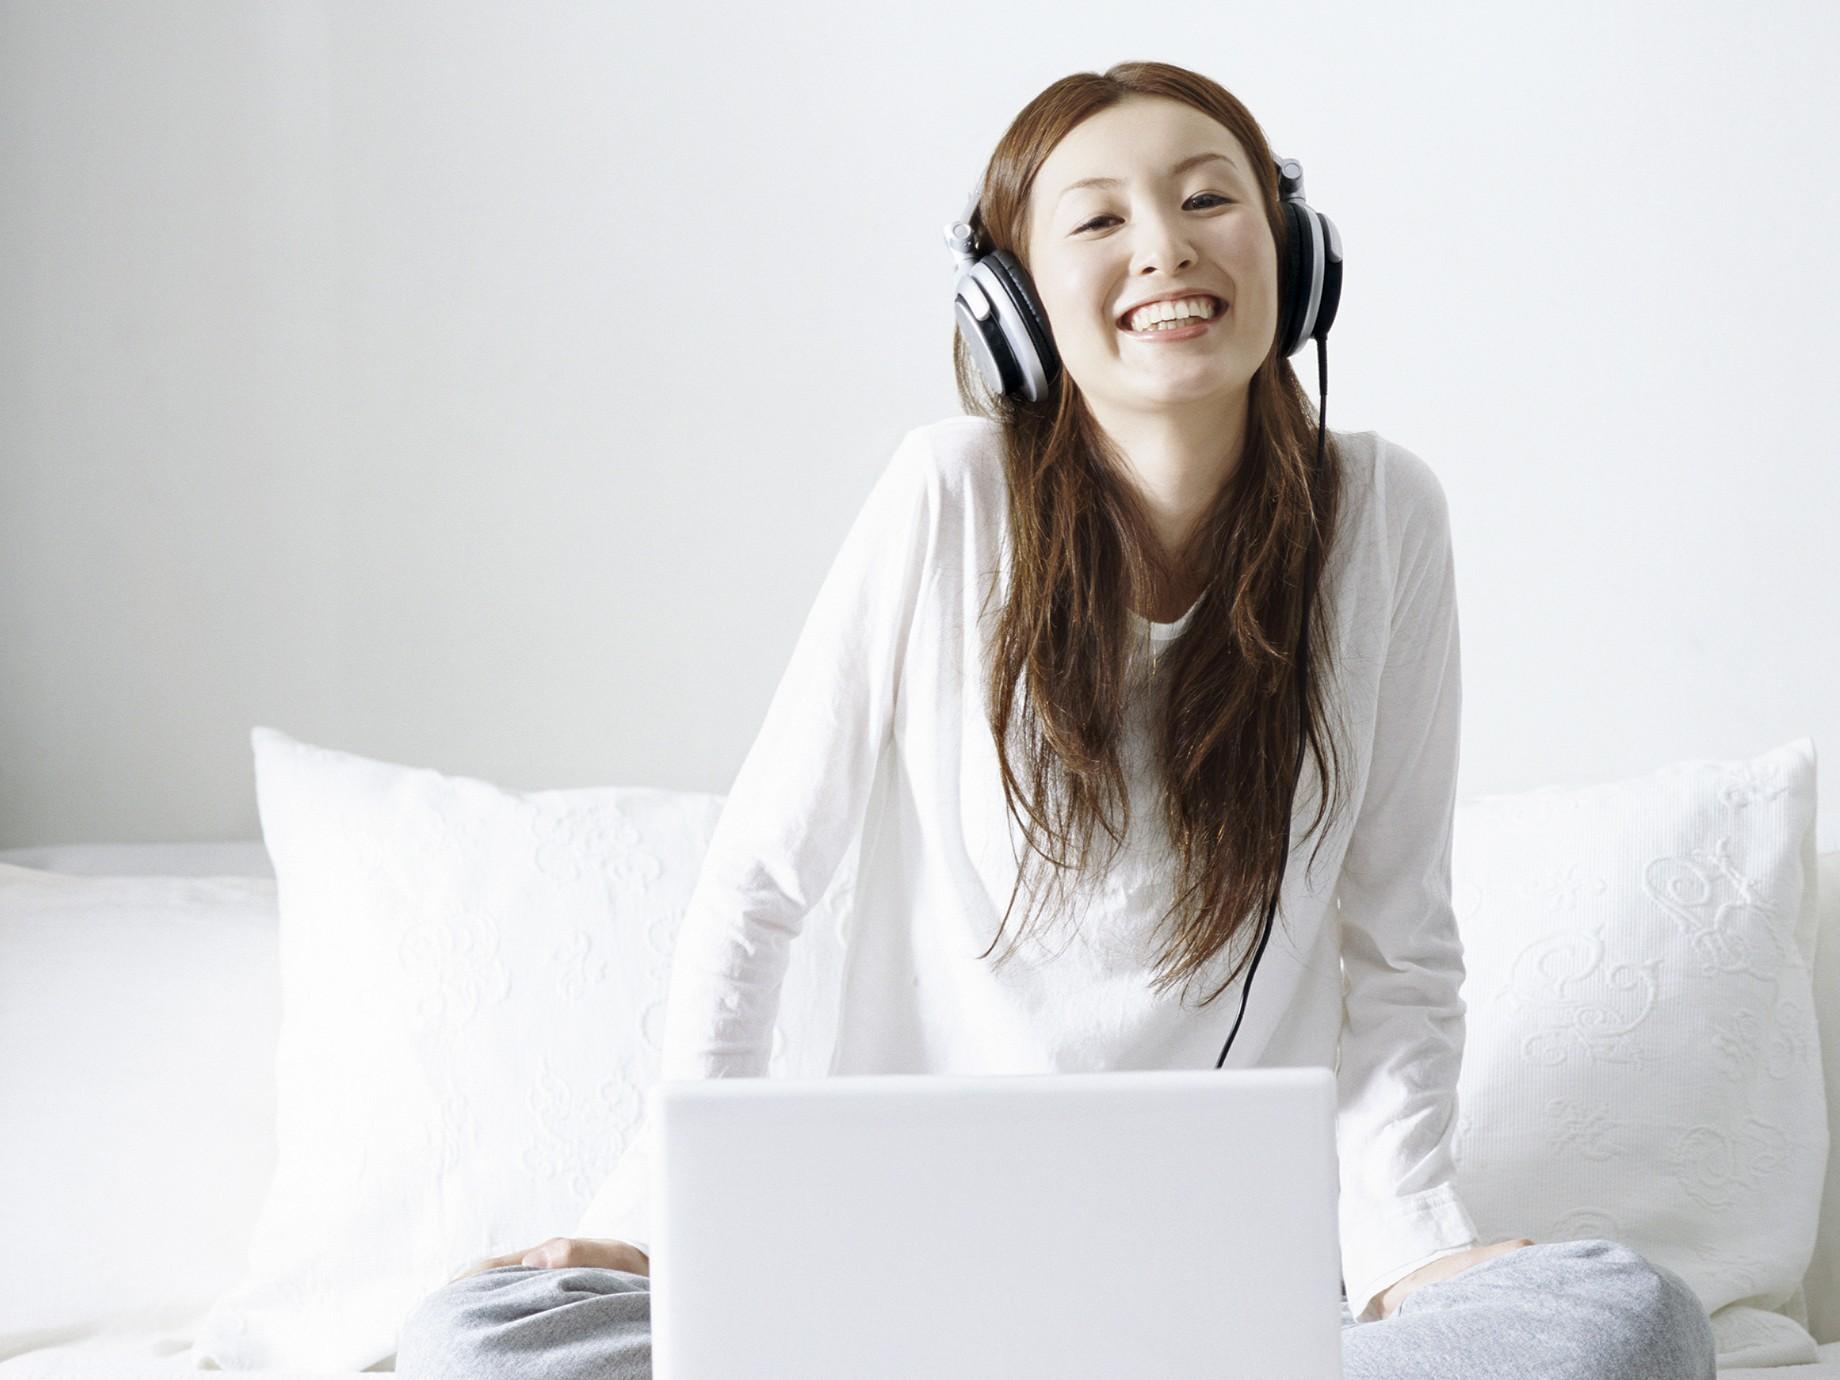 〈2015年9月〉台灣網路消費者對「耳機/耳麥」購買行為與通路品牌分析-EAGLEEYE鷹眼數據